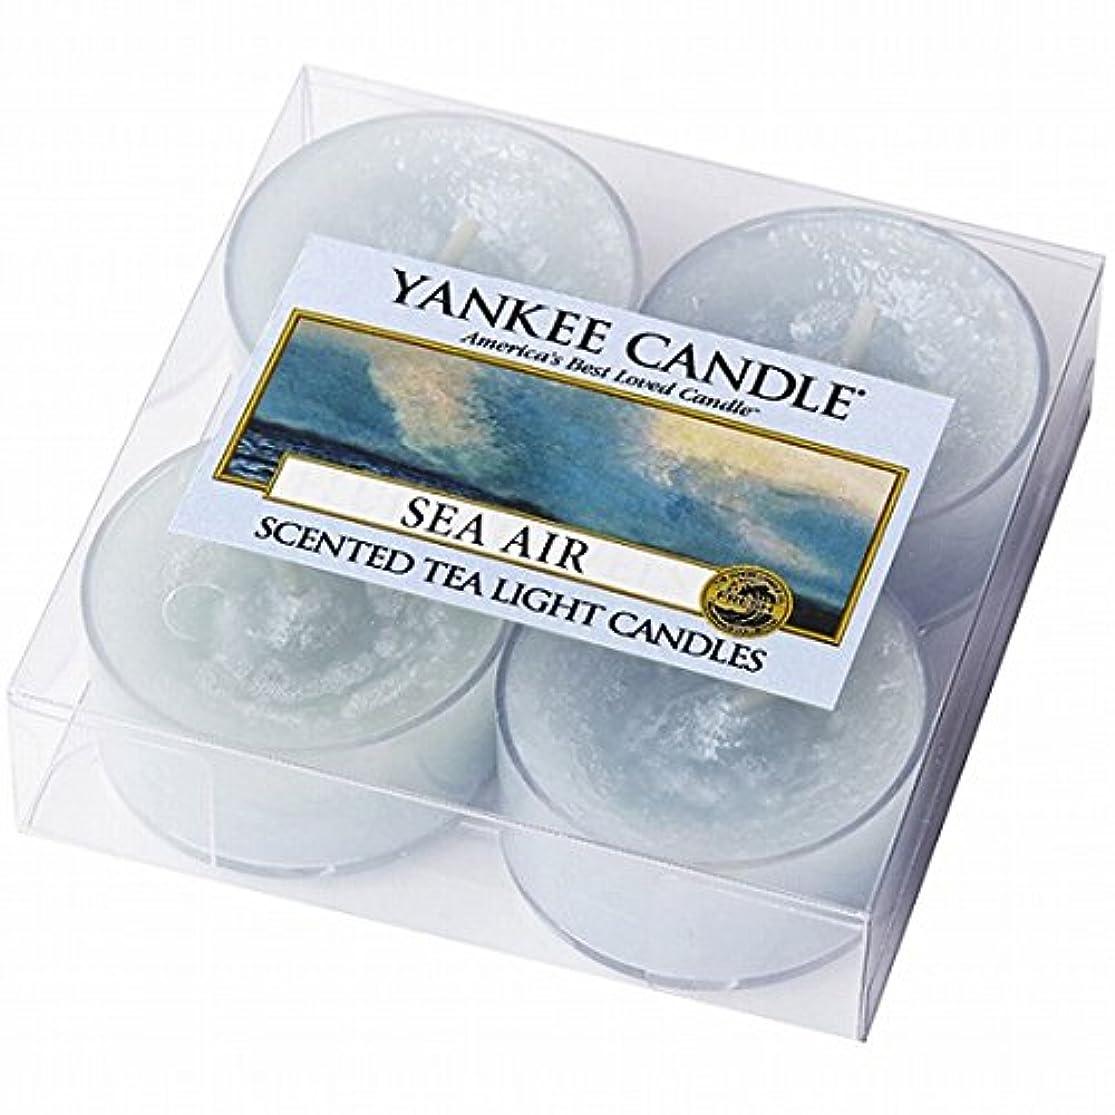 郵便番号更新対象YANKEE CANDLE(ヤンキーキャンドル) YANKEE CANDLE クリアカップティーライト4個入り 「シーエアー」(K00205293)